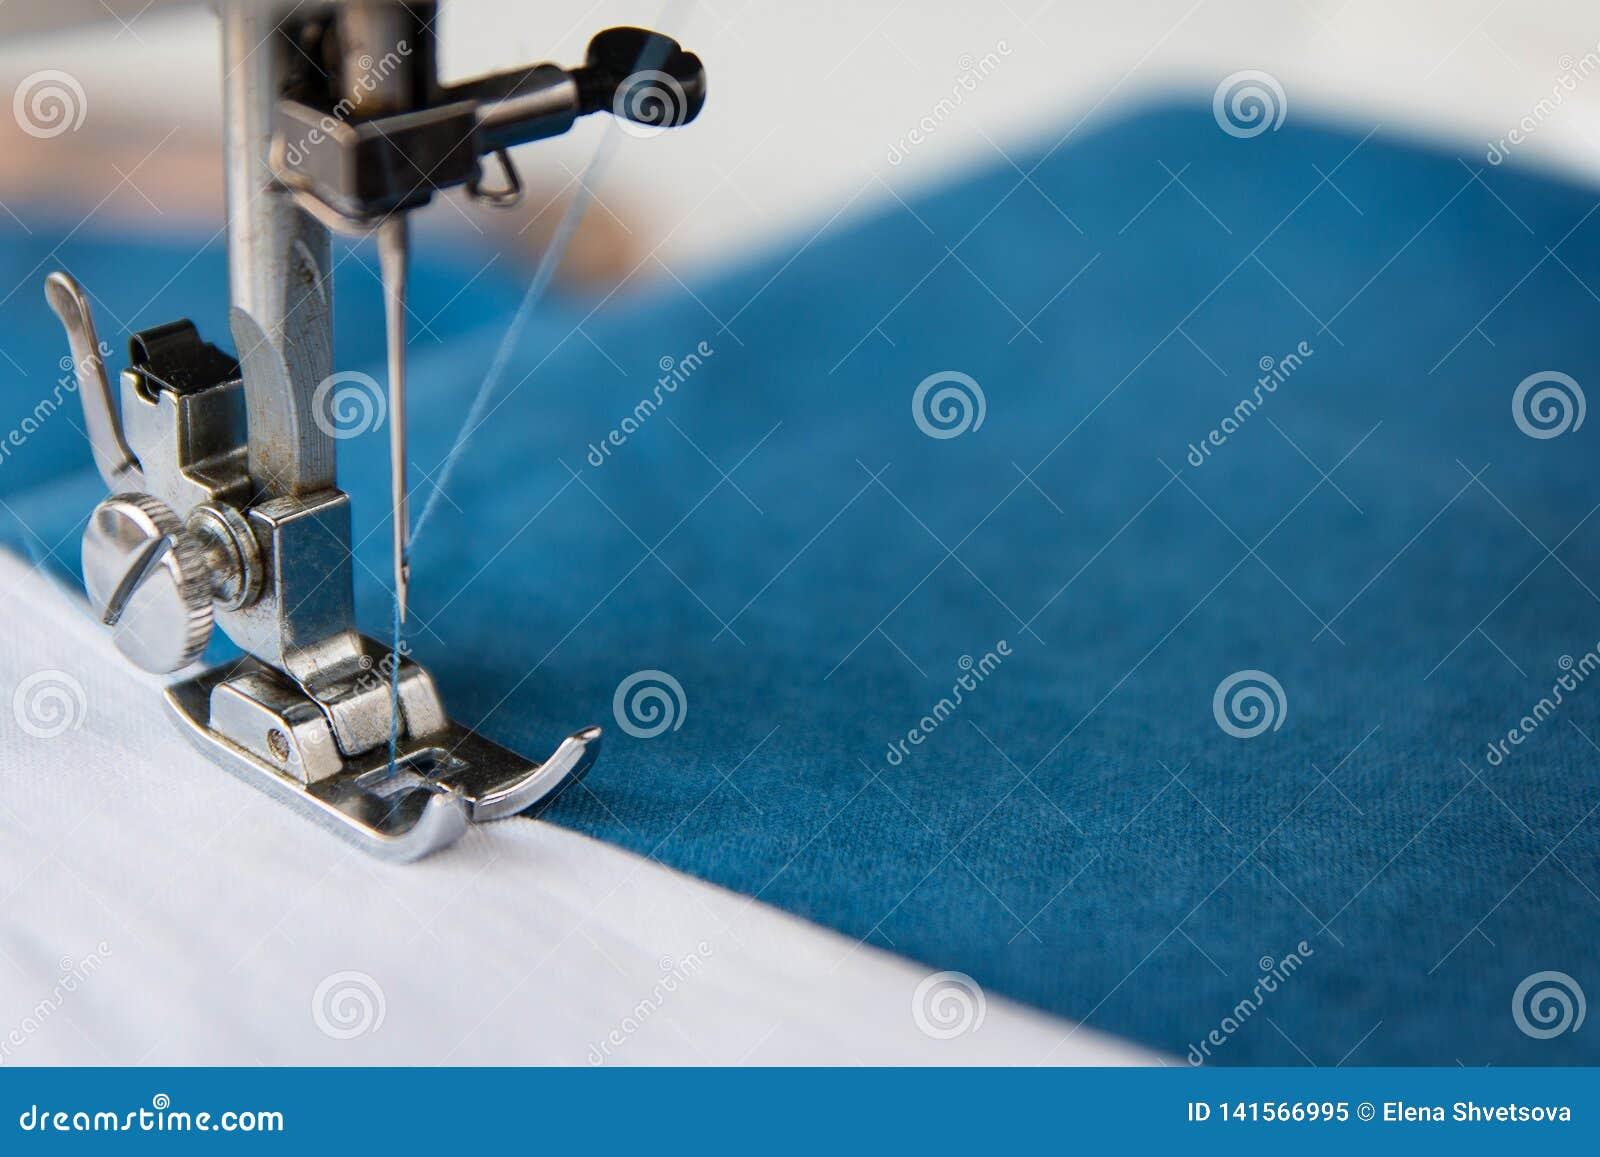 La jambe de la machine à coudre avec une aiguille coud le tissu bleu